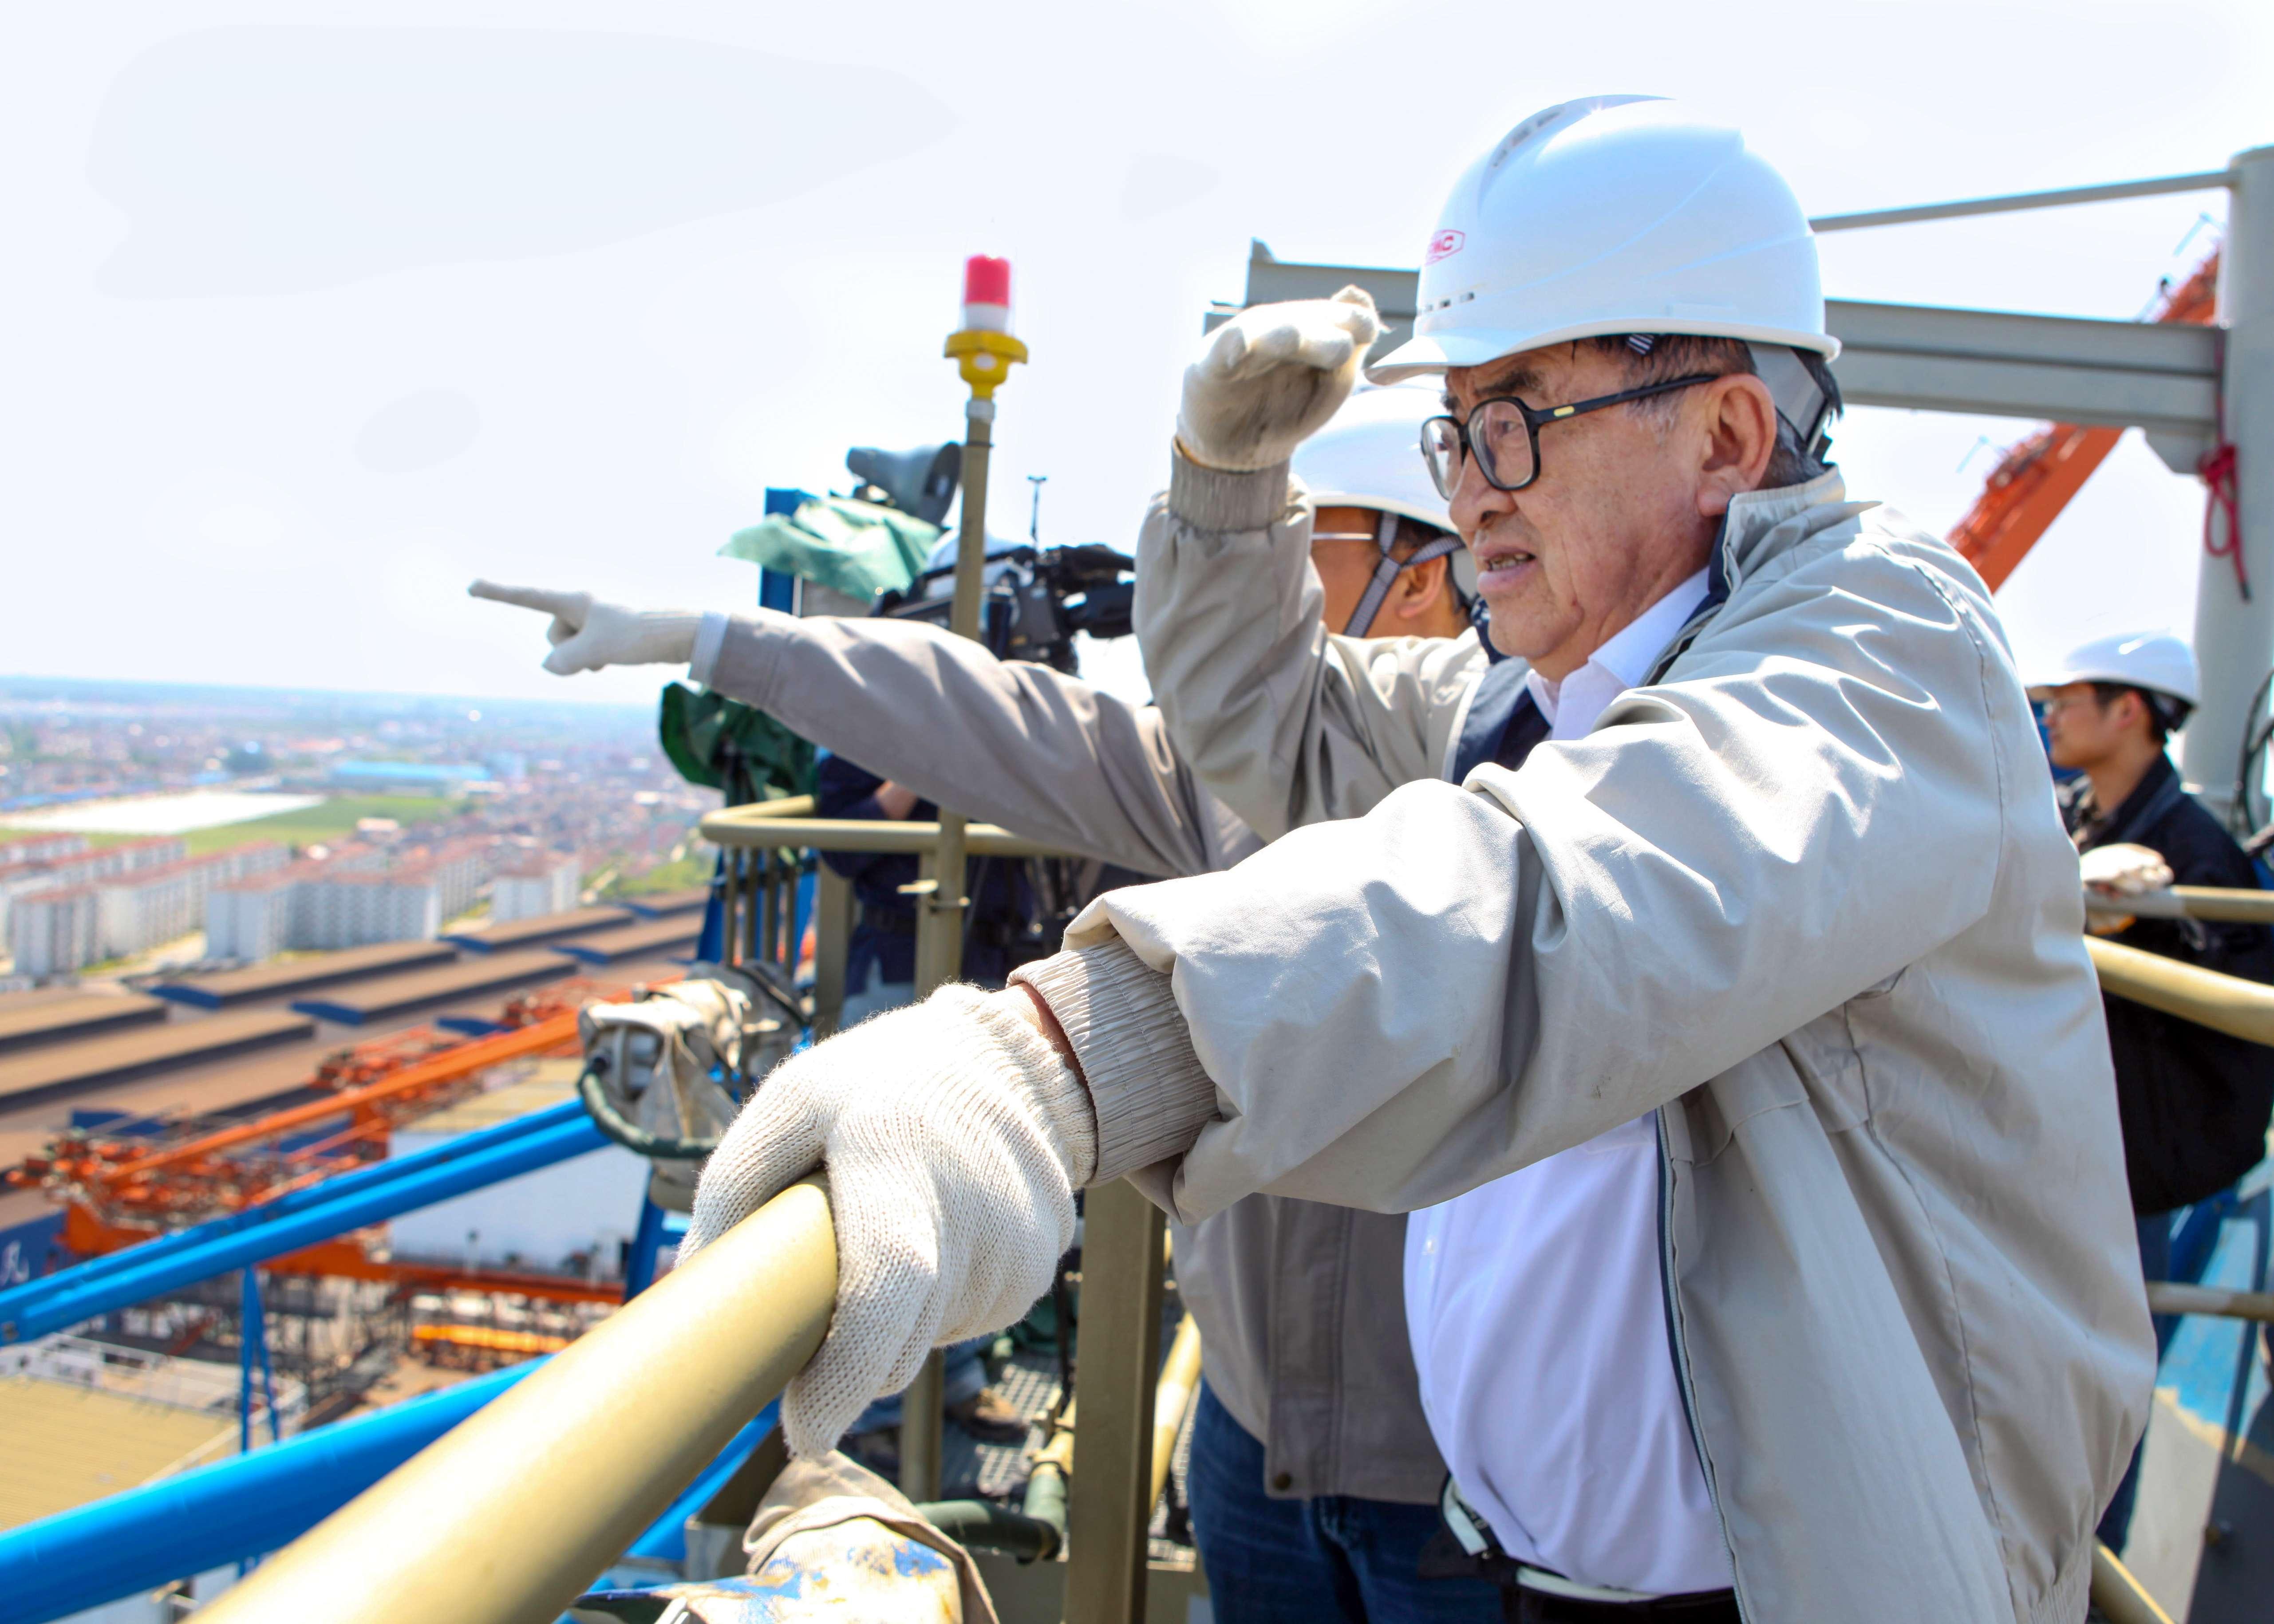 7-4-2009.5.6-举目遥望-情绪万千-79岁高龄的管彤贤还坚持深入生产基地,爬上80多米高的起重机2.jpg